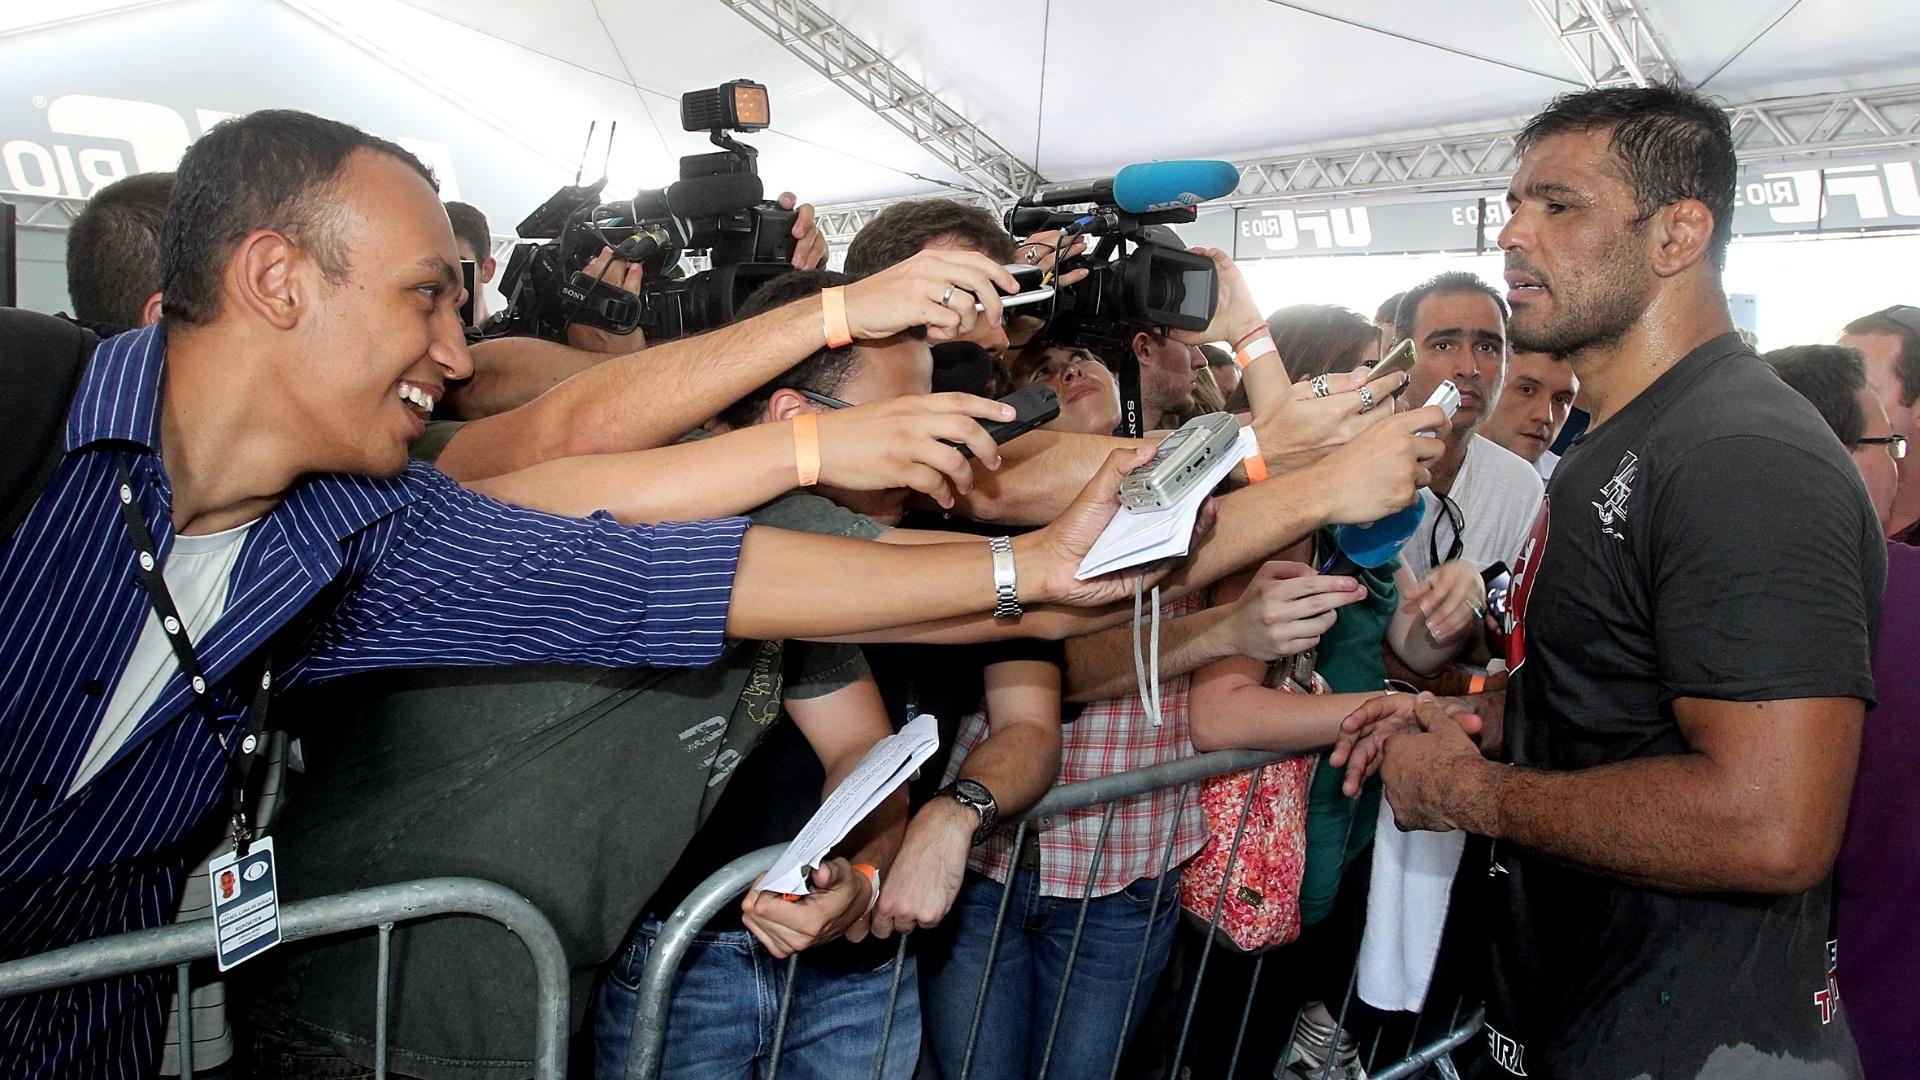 Minotauro causa tumulto na zona mista de imprensa em treino aberto do UFC  Rio 3 ( 3a68dda47156a